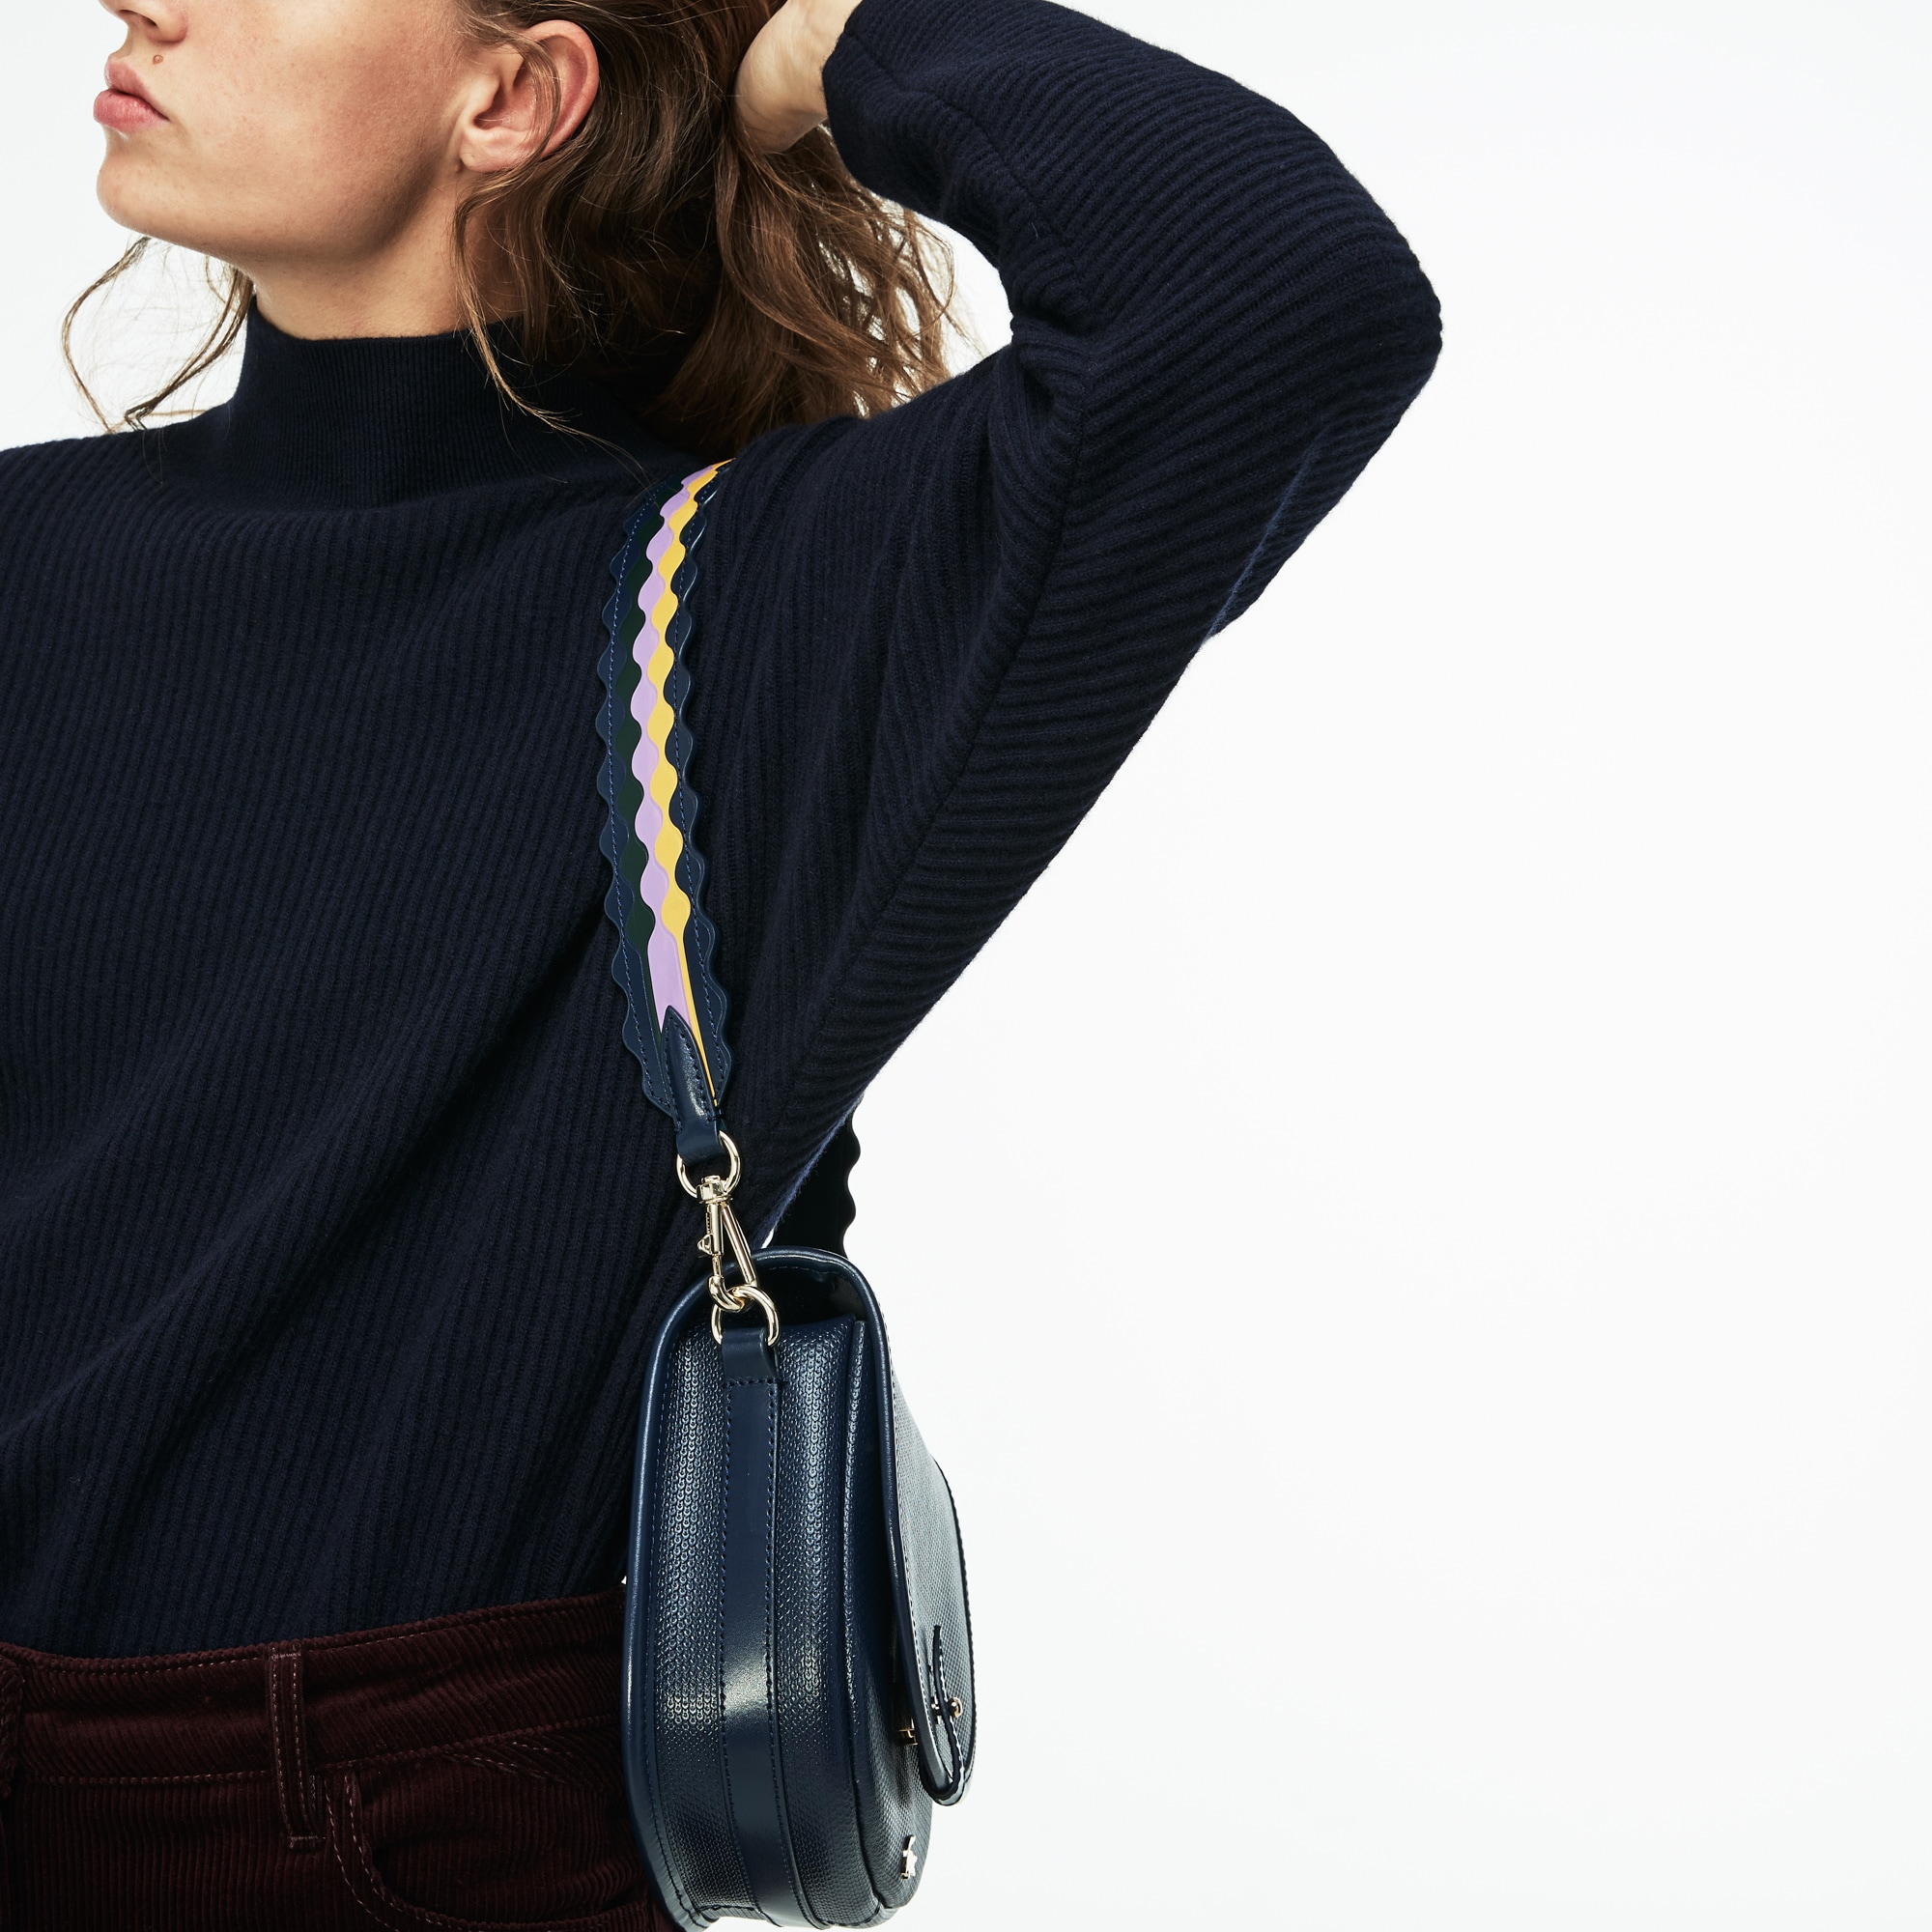 Damen FANCY STRAPS Leder-Schulterriemen mit farbigem Motiv